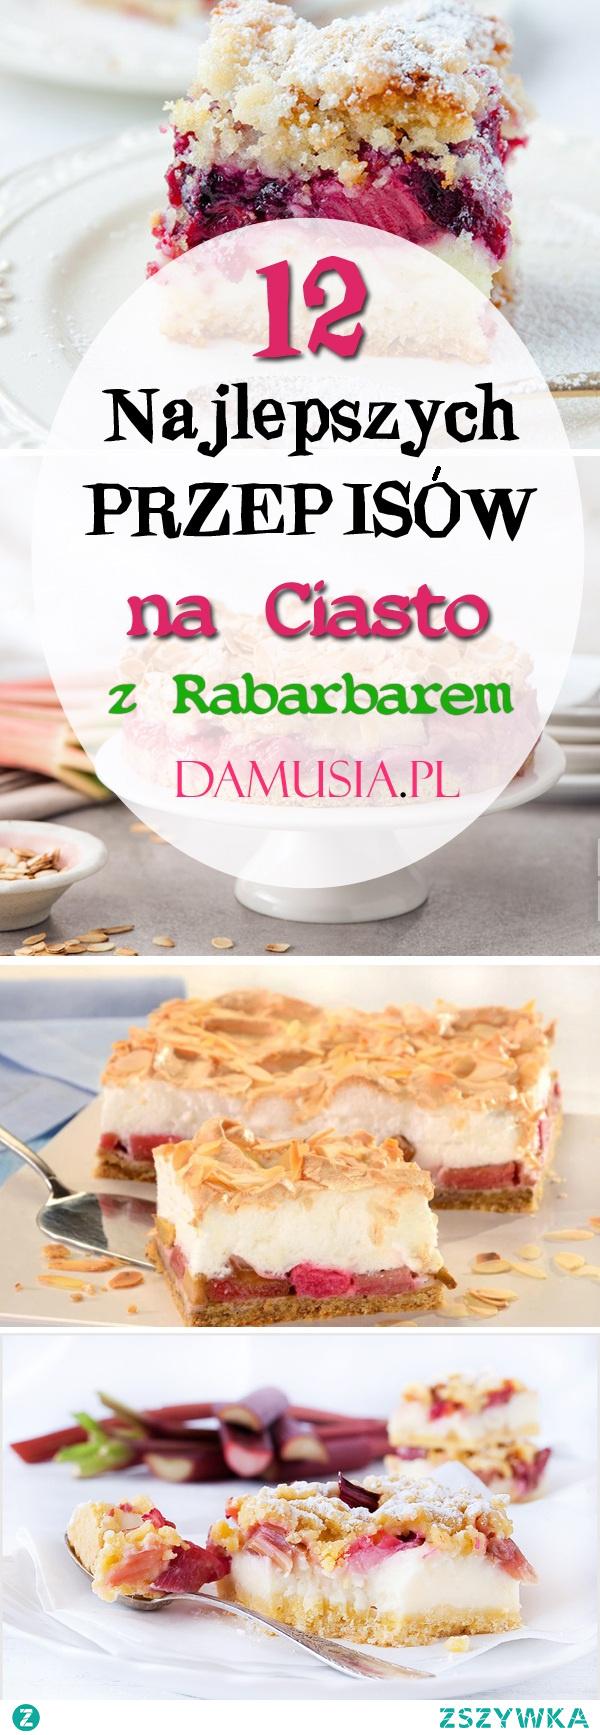 12 Najlepszych Przepisów na Ciasto z Rabarbarem